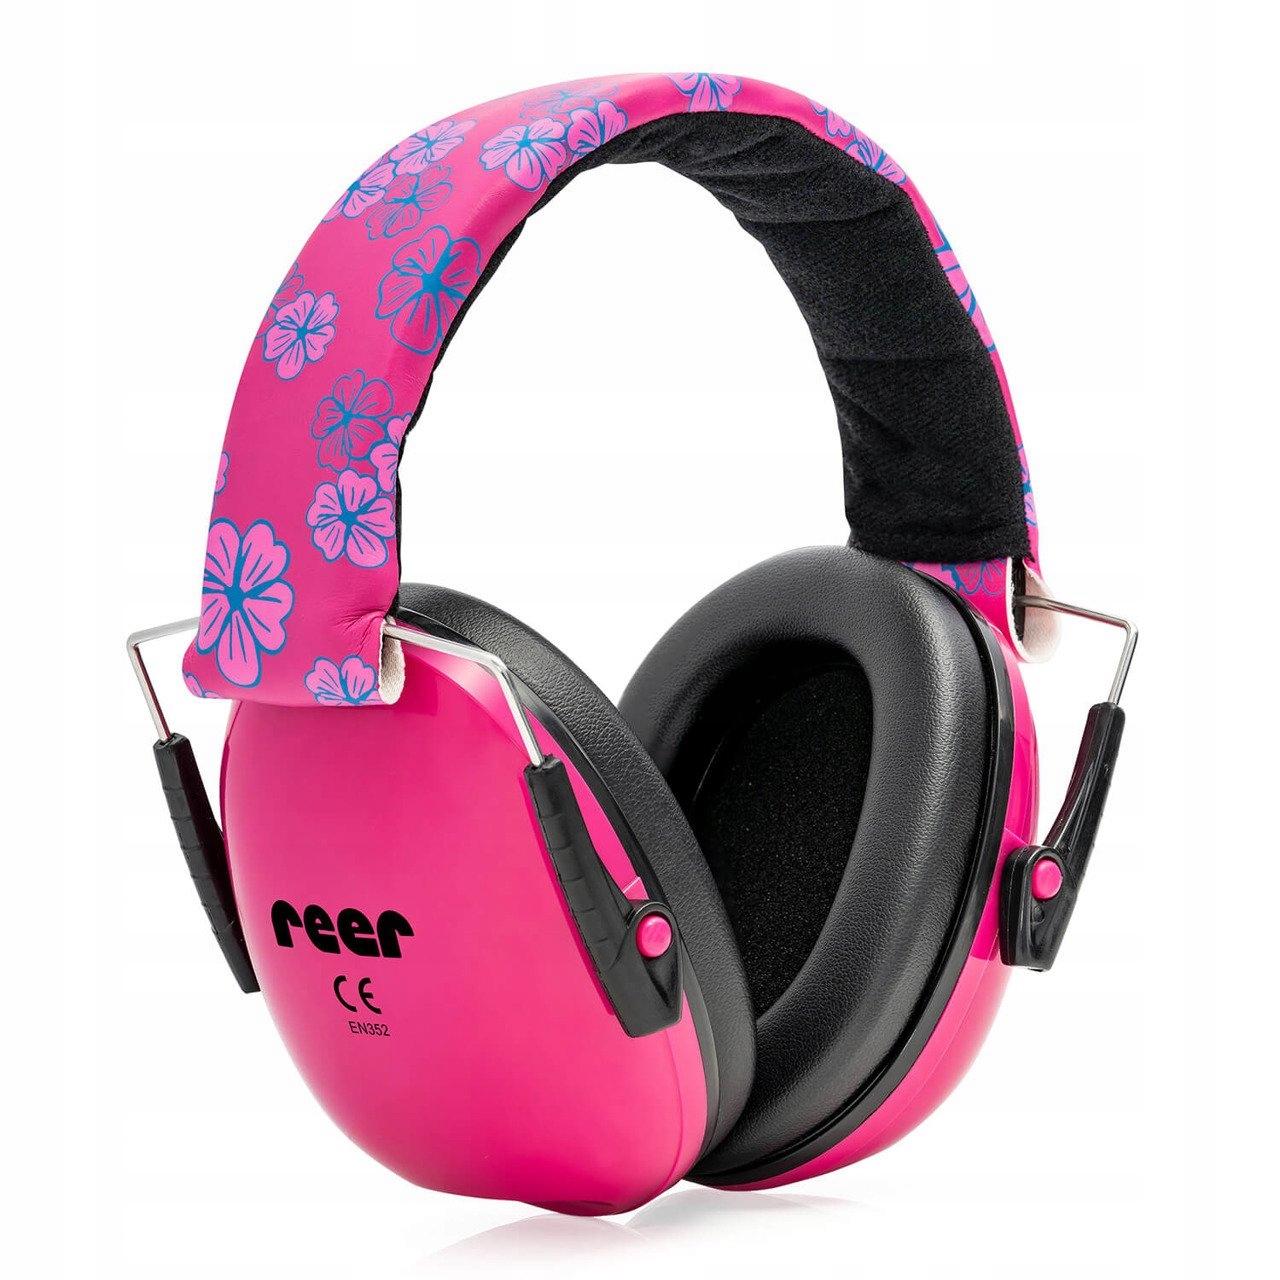 REER Ochranné slúchadlá pre deti od 3 rokov ružové